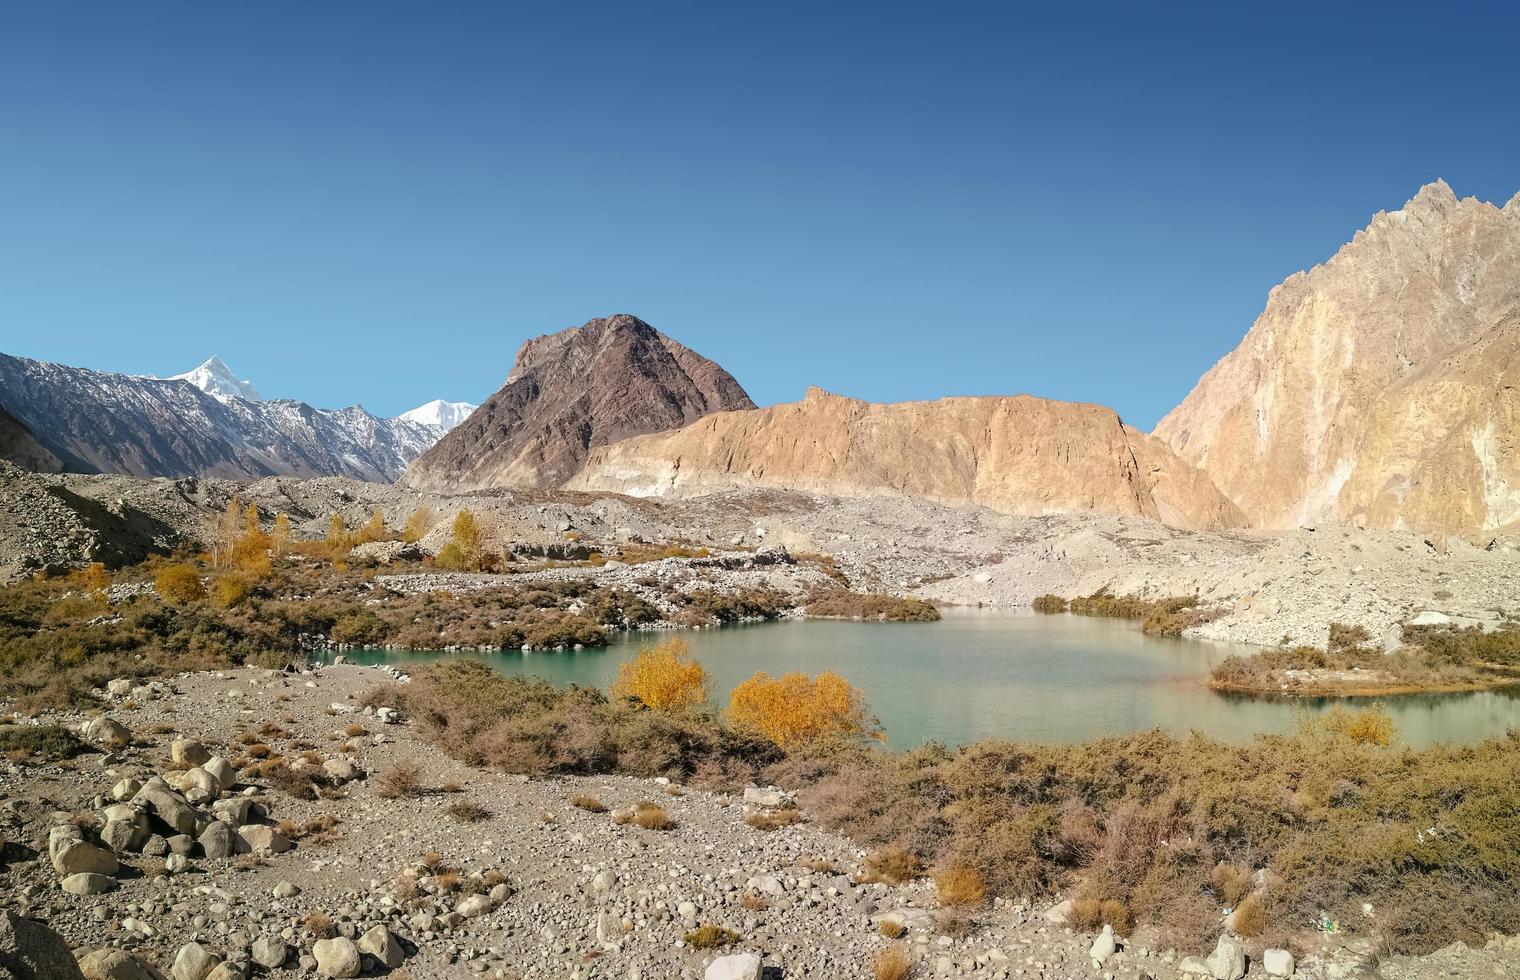 paisagem vista do lago glacial no Paquistão foto